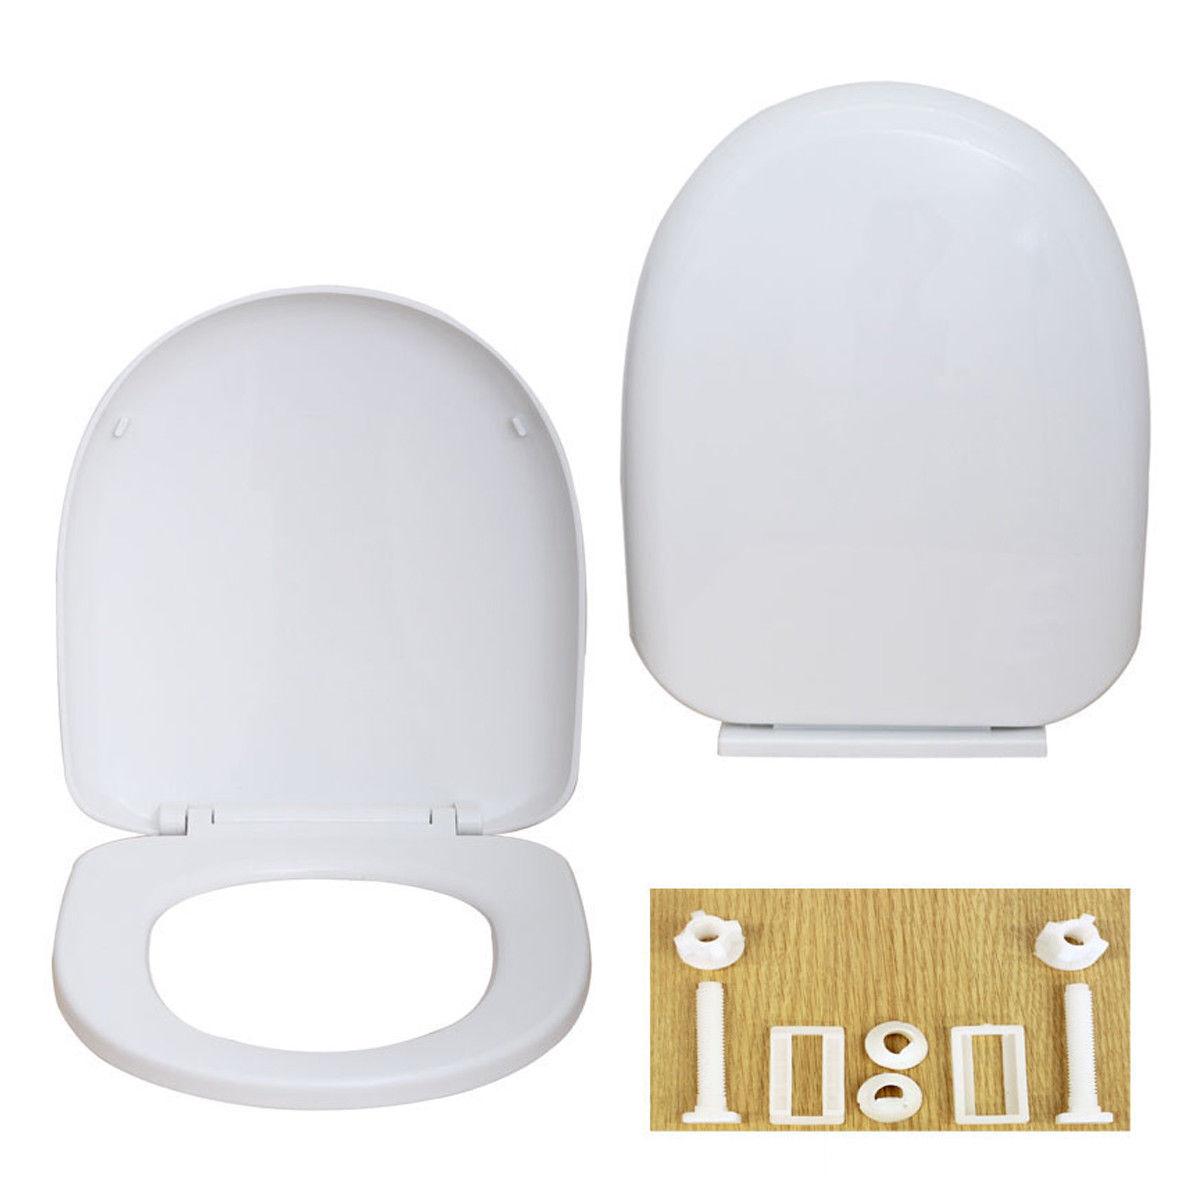 D Forme Souple De Luxe Carré Salle de Bain Toilette Siège Haut Fixation Charnières Couleur Blanc